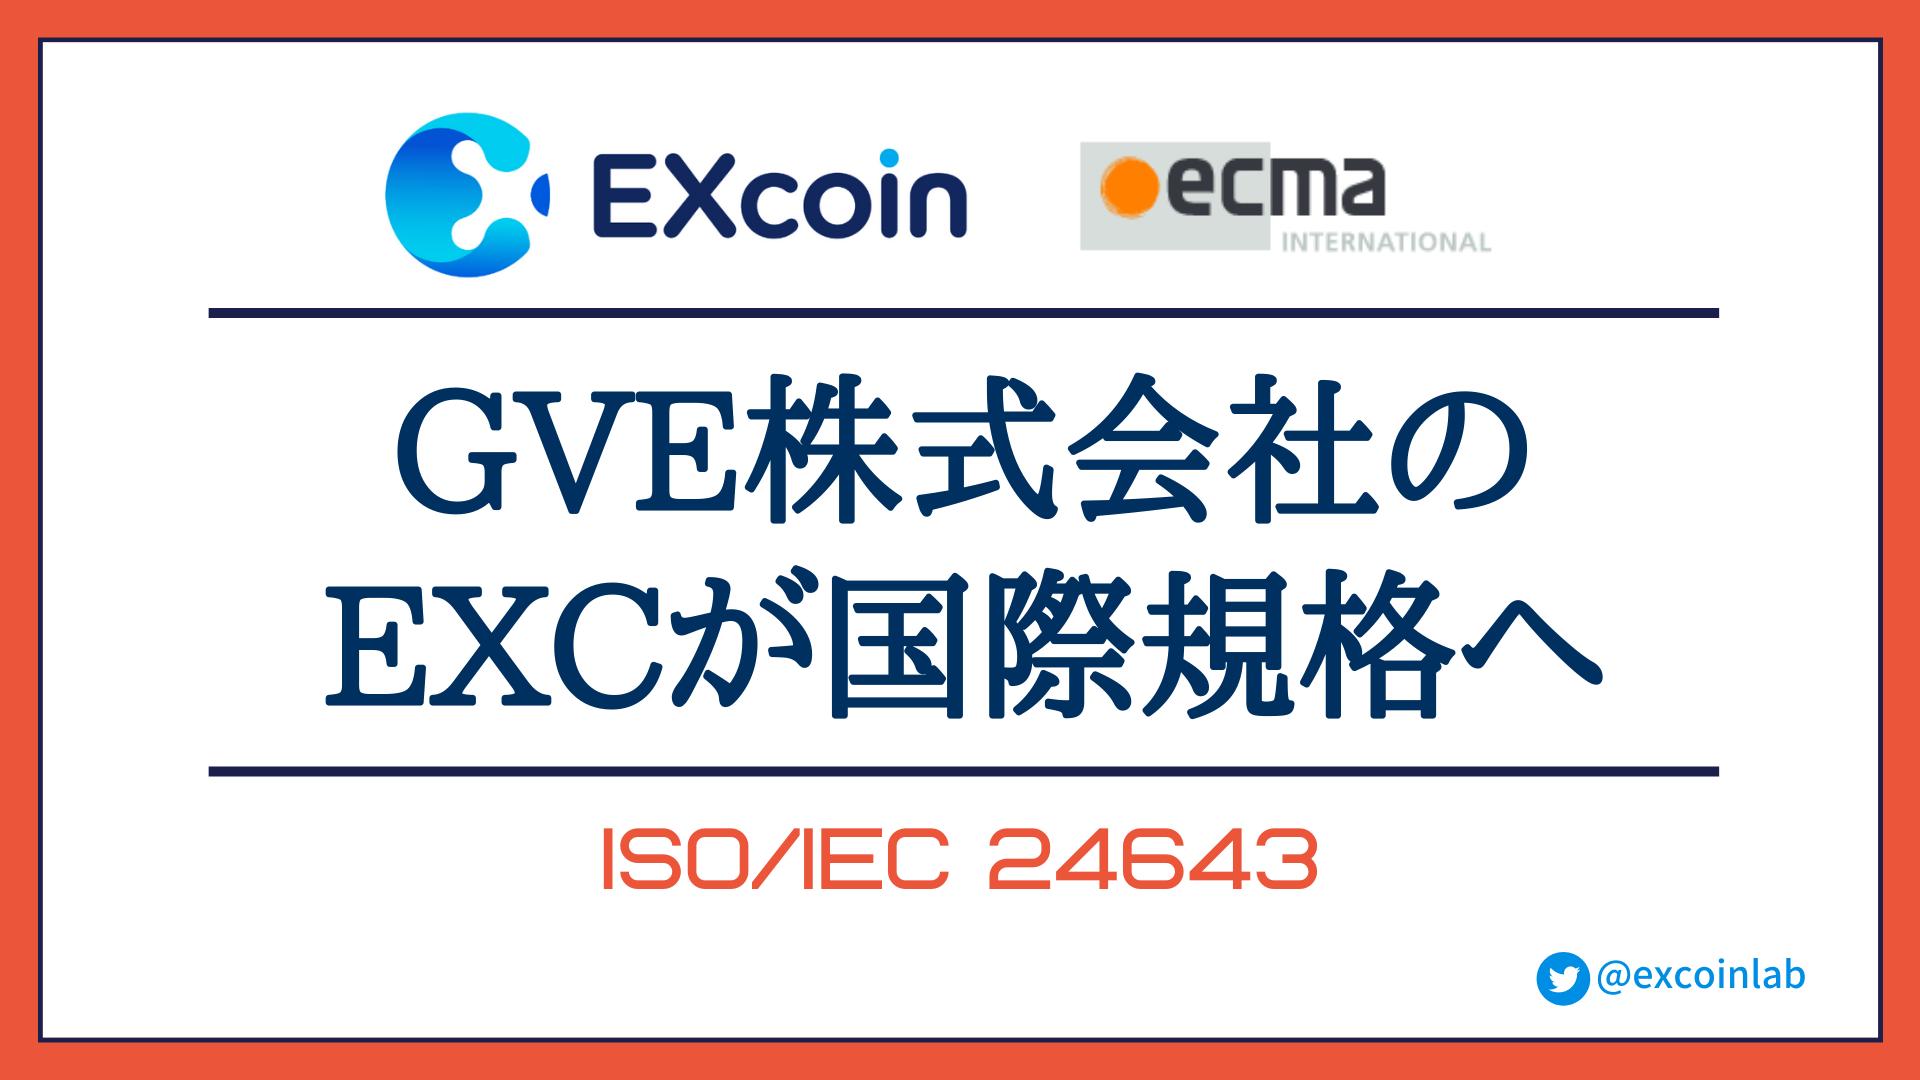 【世界初】GVE株式会社が開発したEXコイン(EXcoin)がCBDCの国際規格へ